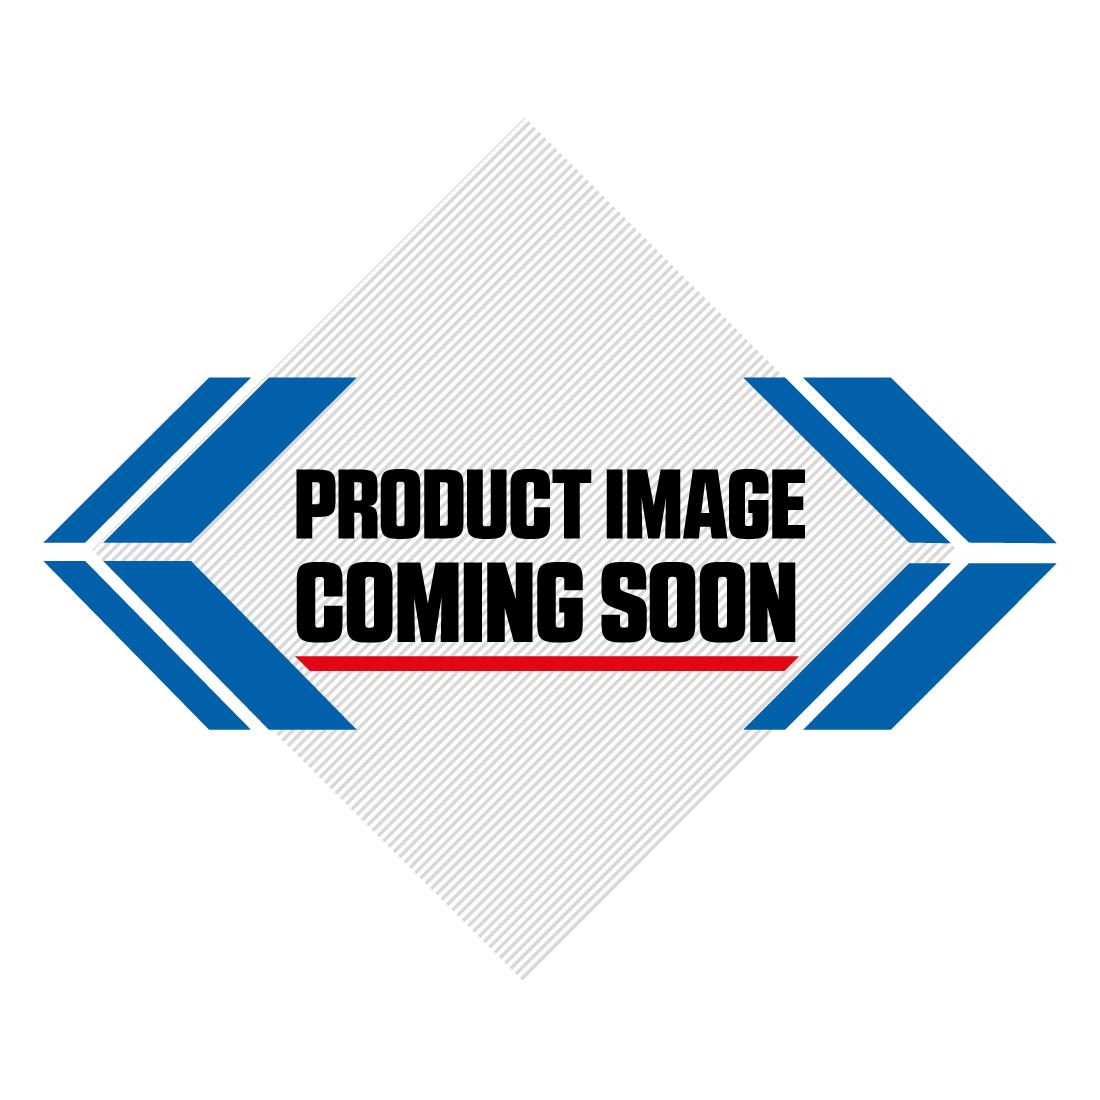 Husqvarna Plastic Kit OEM Factory (07-08) Image-5>